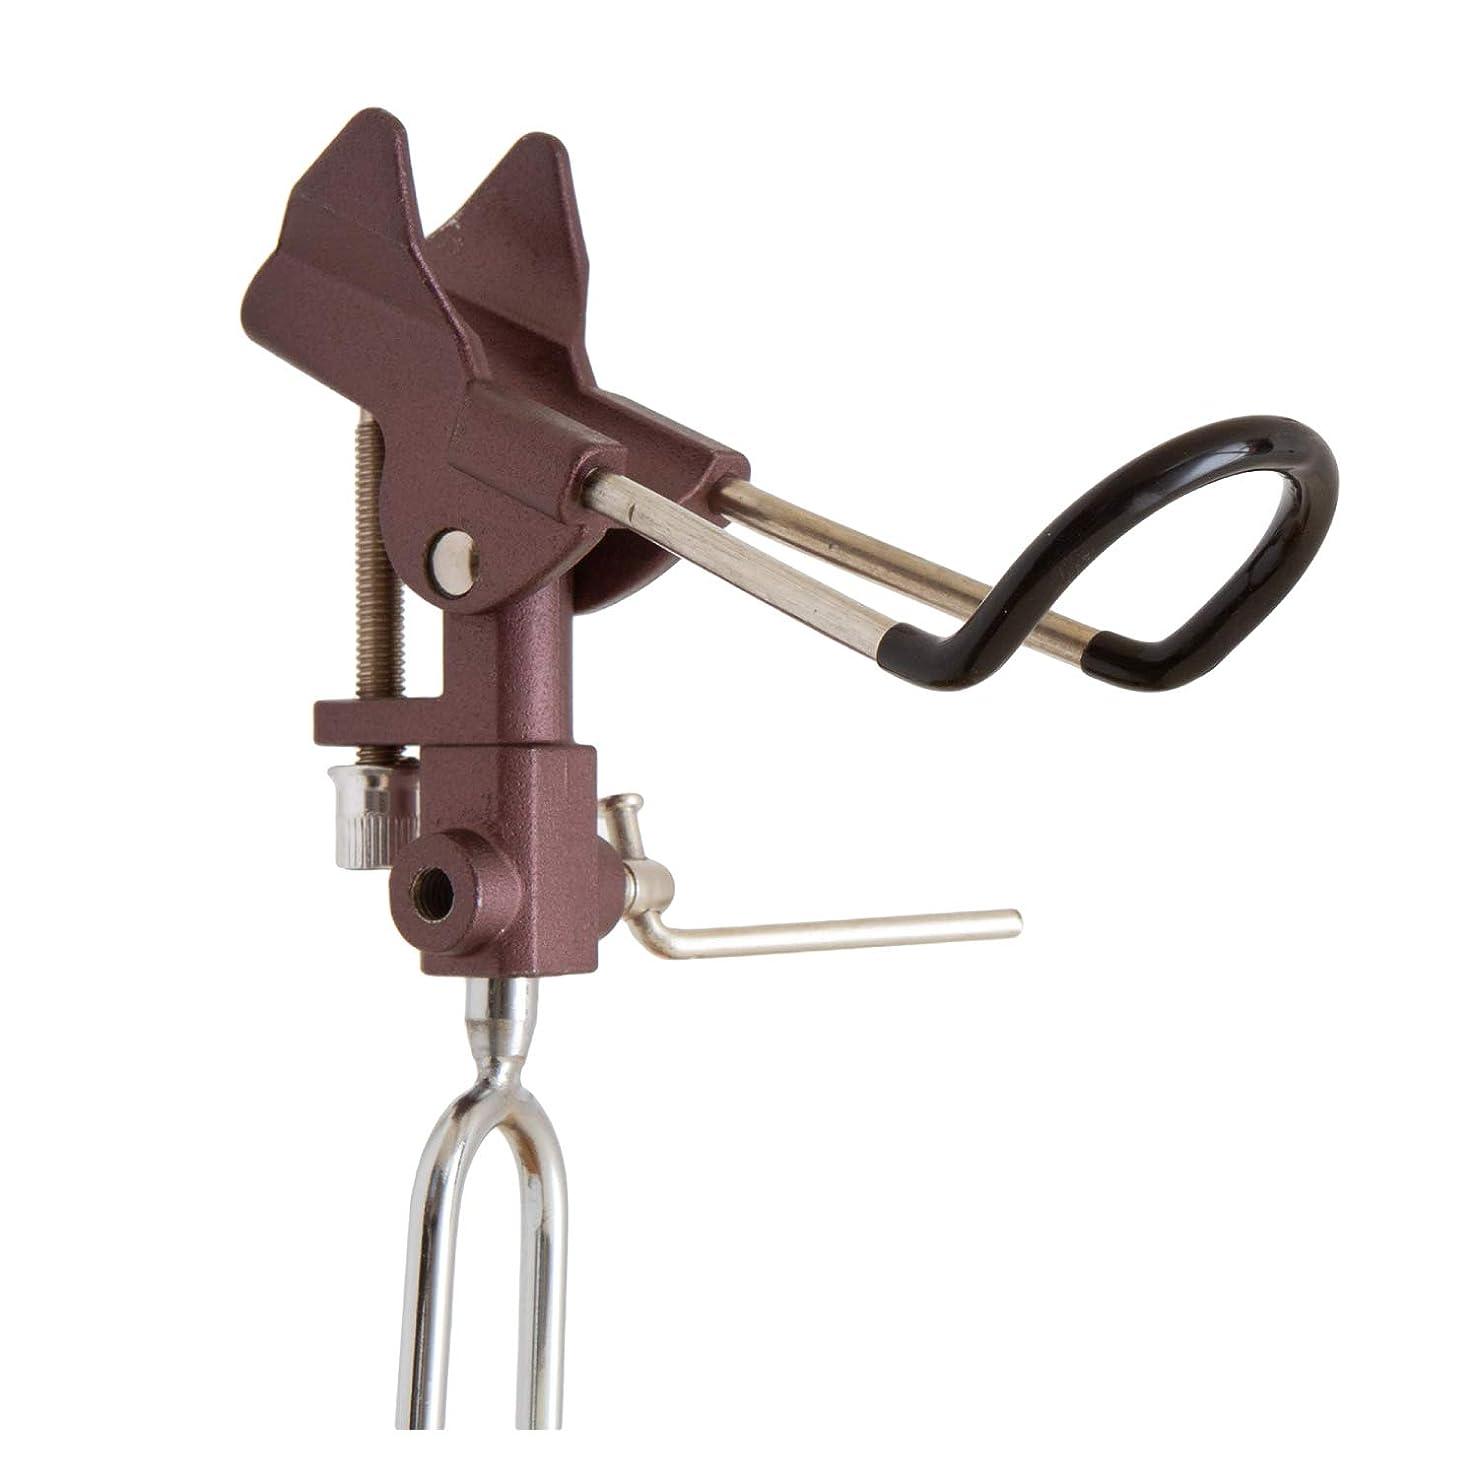 変化対立酒【sesta7】 釣り竿 ロッドホルダー 竿受け 竿置き 竿掛け 釣り竿スタンド 360度 位置調節可能